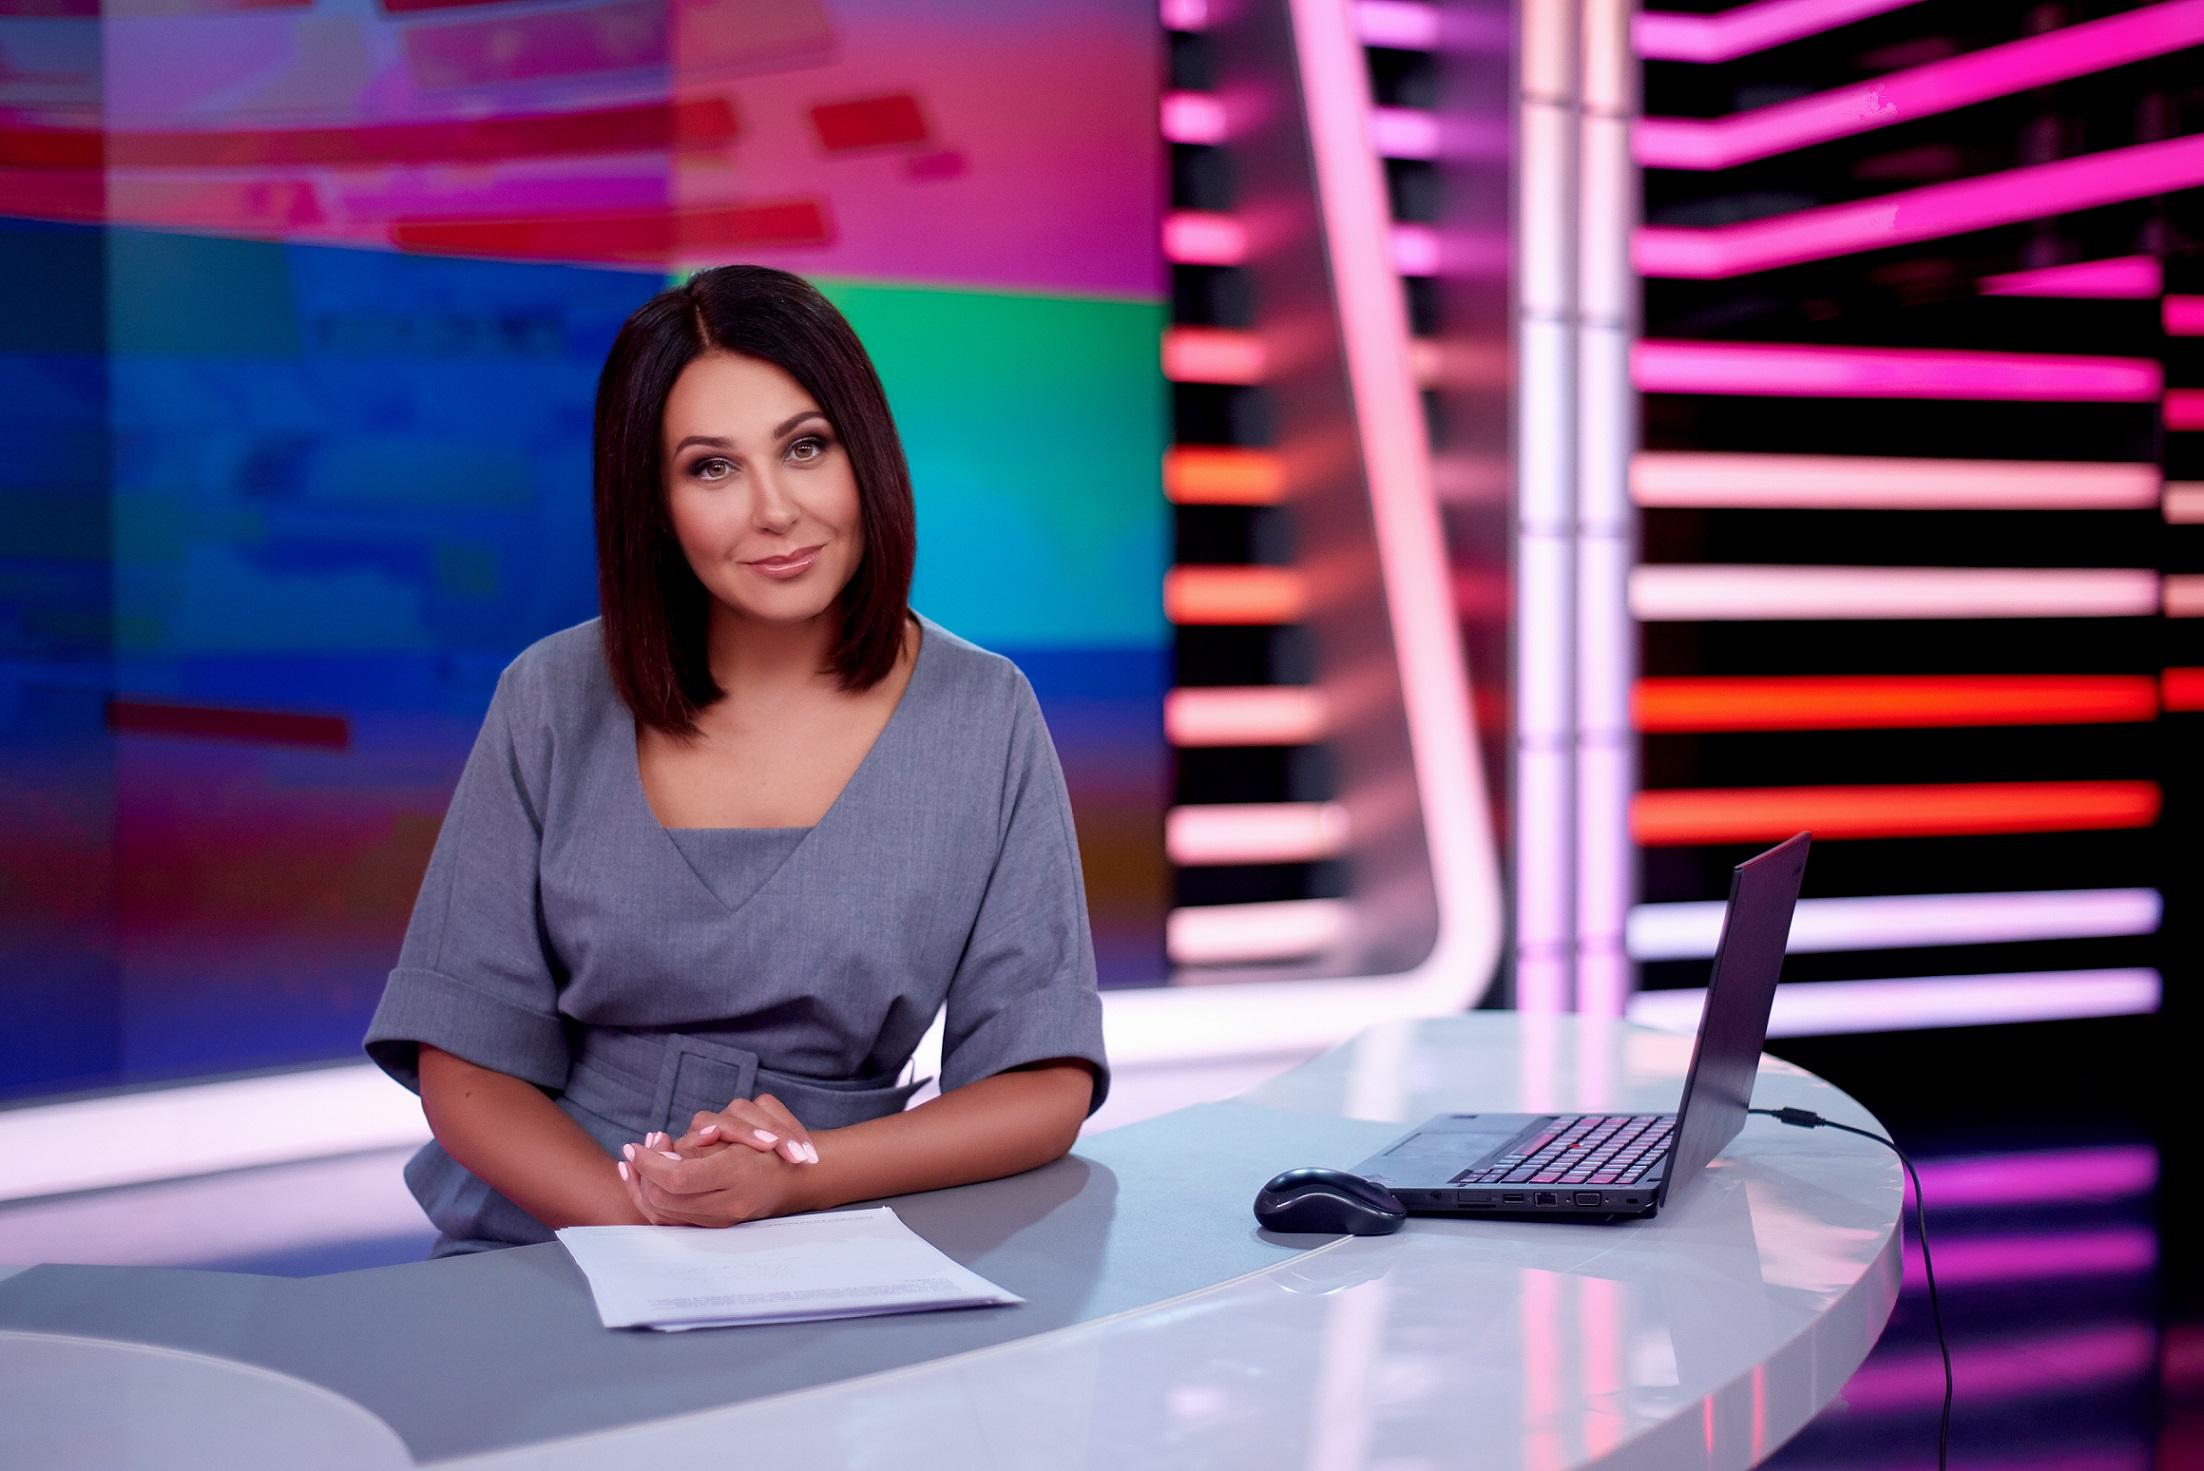 Наталья Мосейчук проведет выездной выпуск ТСН  из Лондона в день королевской свадьбы